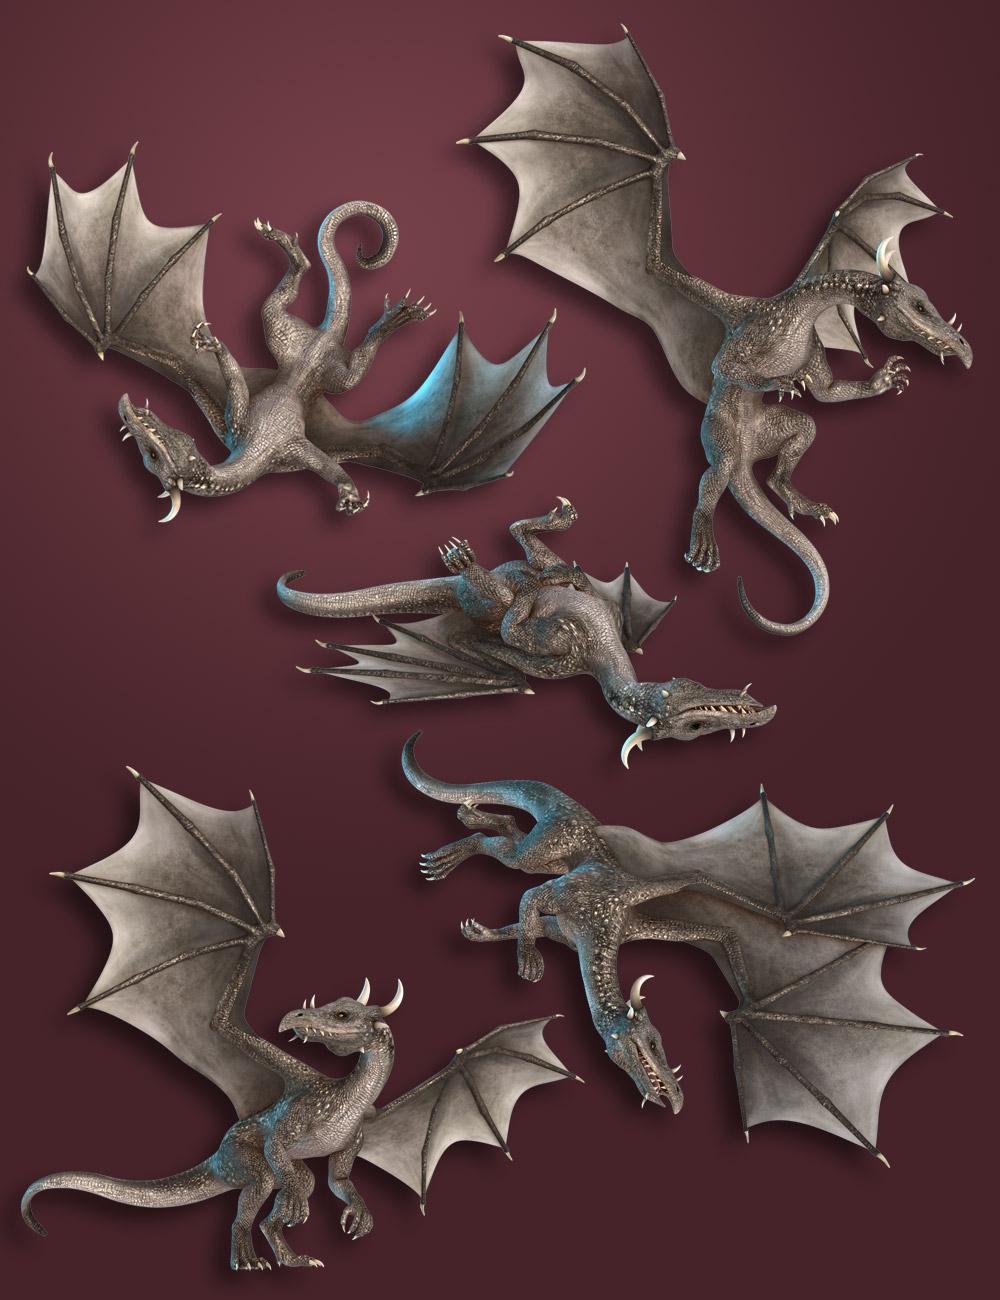 Capsces Poses DAZ Dragon 3 by: Capsces Digital Ink, 3D Models by Daz 3D